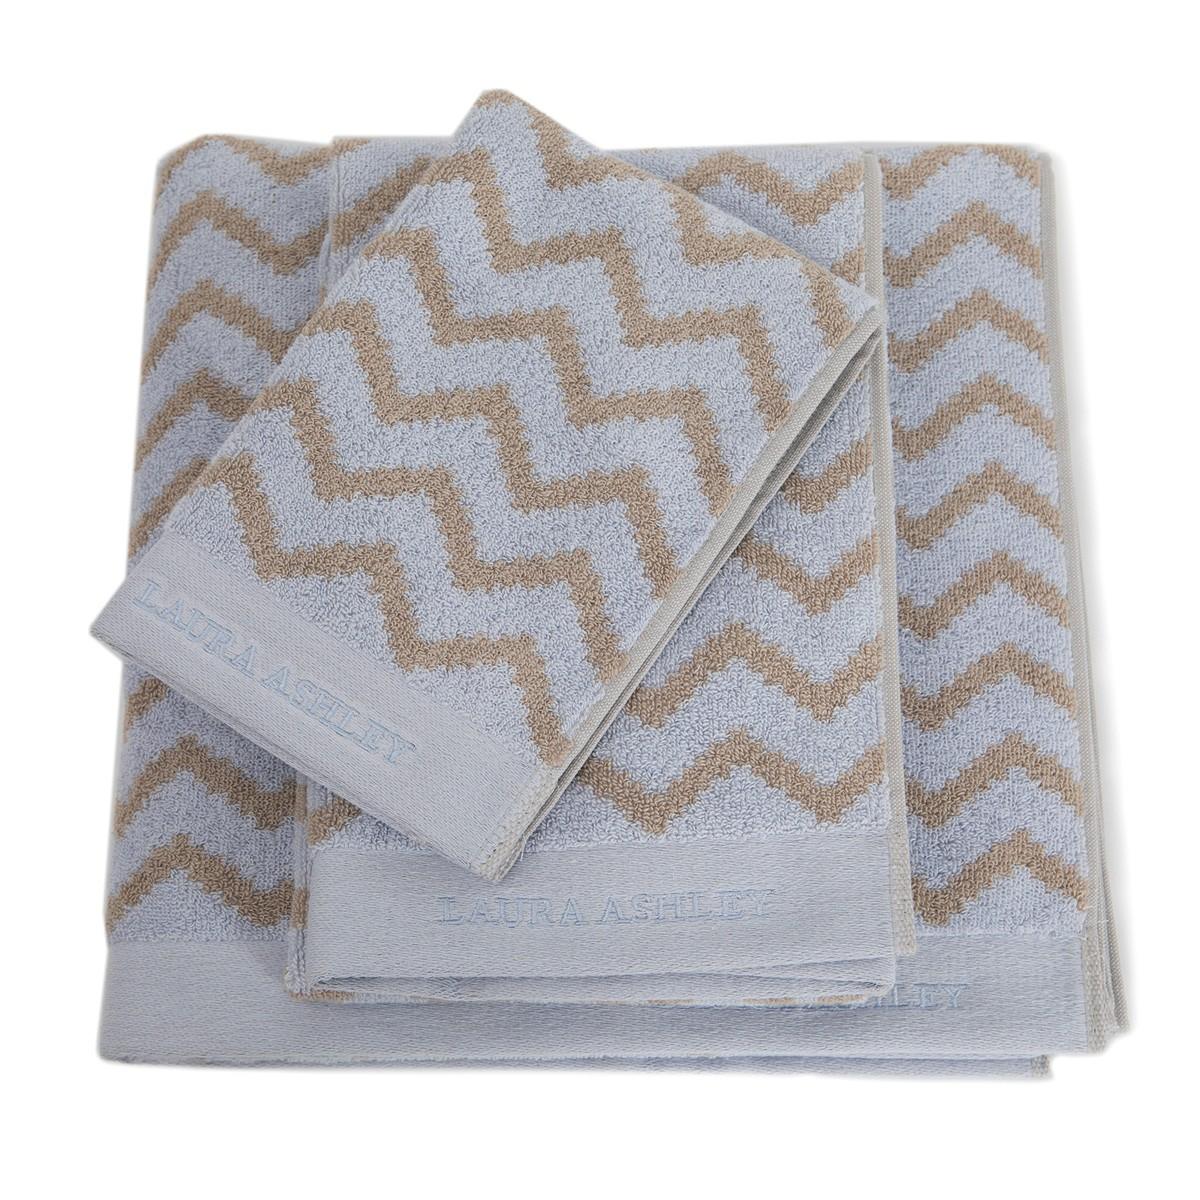 Πετσέτες Μπάνιου (Σετ 3τμχ) Laura Ashley Diagonal Ivory